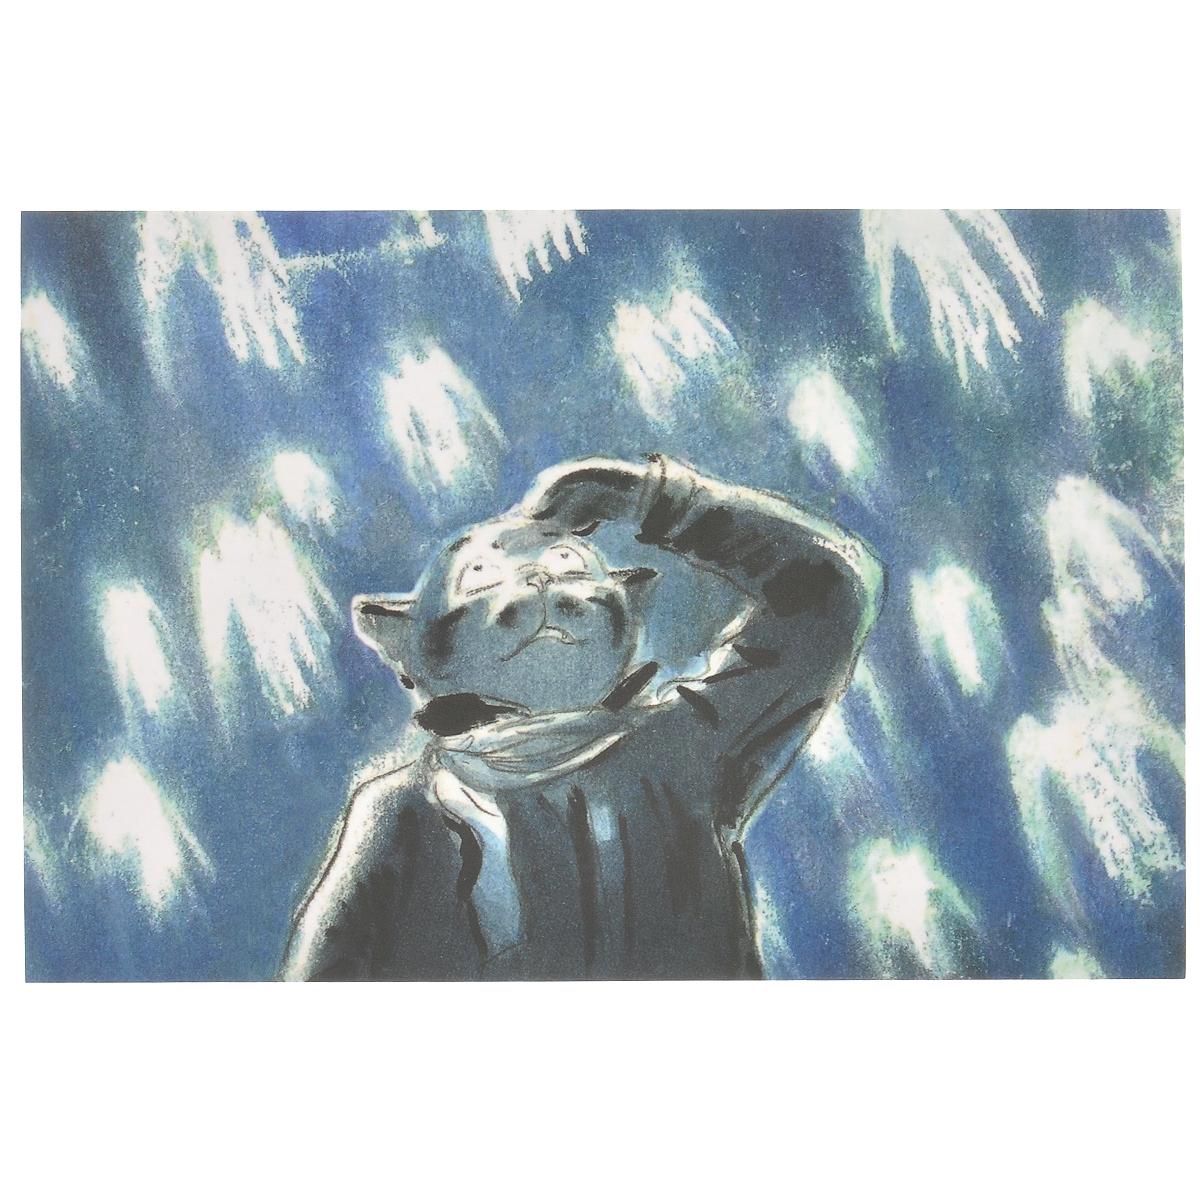 Открытка 7-я эскадрилья. Из набора Парижский Кот-художник. Автор: Андрей АринушкинAA10-003Оригинальная дизайнерская открытка 7-я эскадрилья из набора Парижский Кот-художник выполнена из плотного матового картона. На лицевой стороне расположена репродукция картины художника Андрея Аринушкина. На задней стороне имеется поле для записей. Такая открытка станет великолепным дополнением к подарку или оригинальным почтовым посланием, которое, несомненно, удивит получателя своим дизайном и подарит приятные воспоминания.